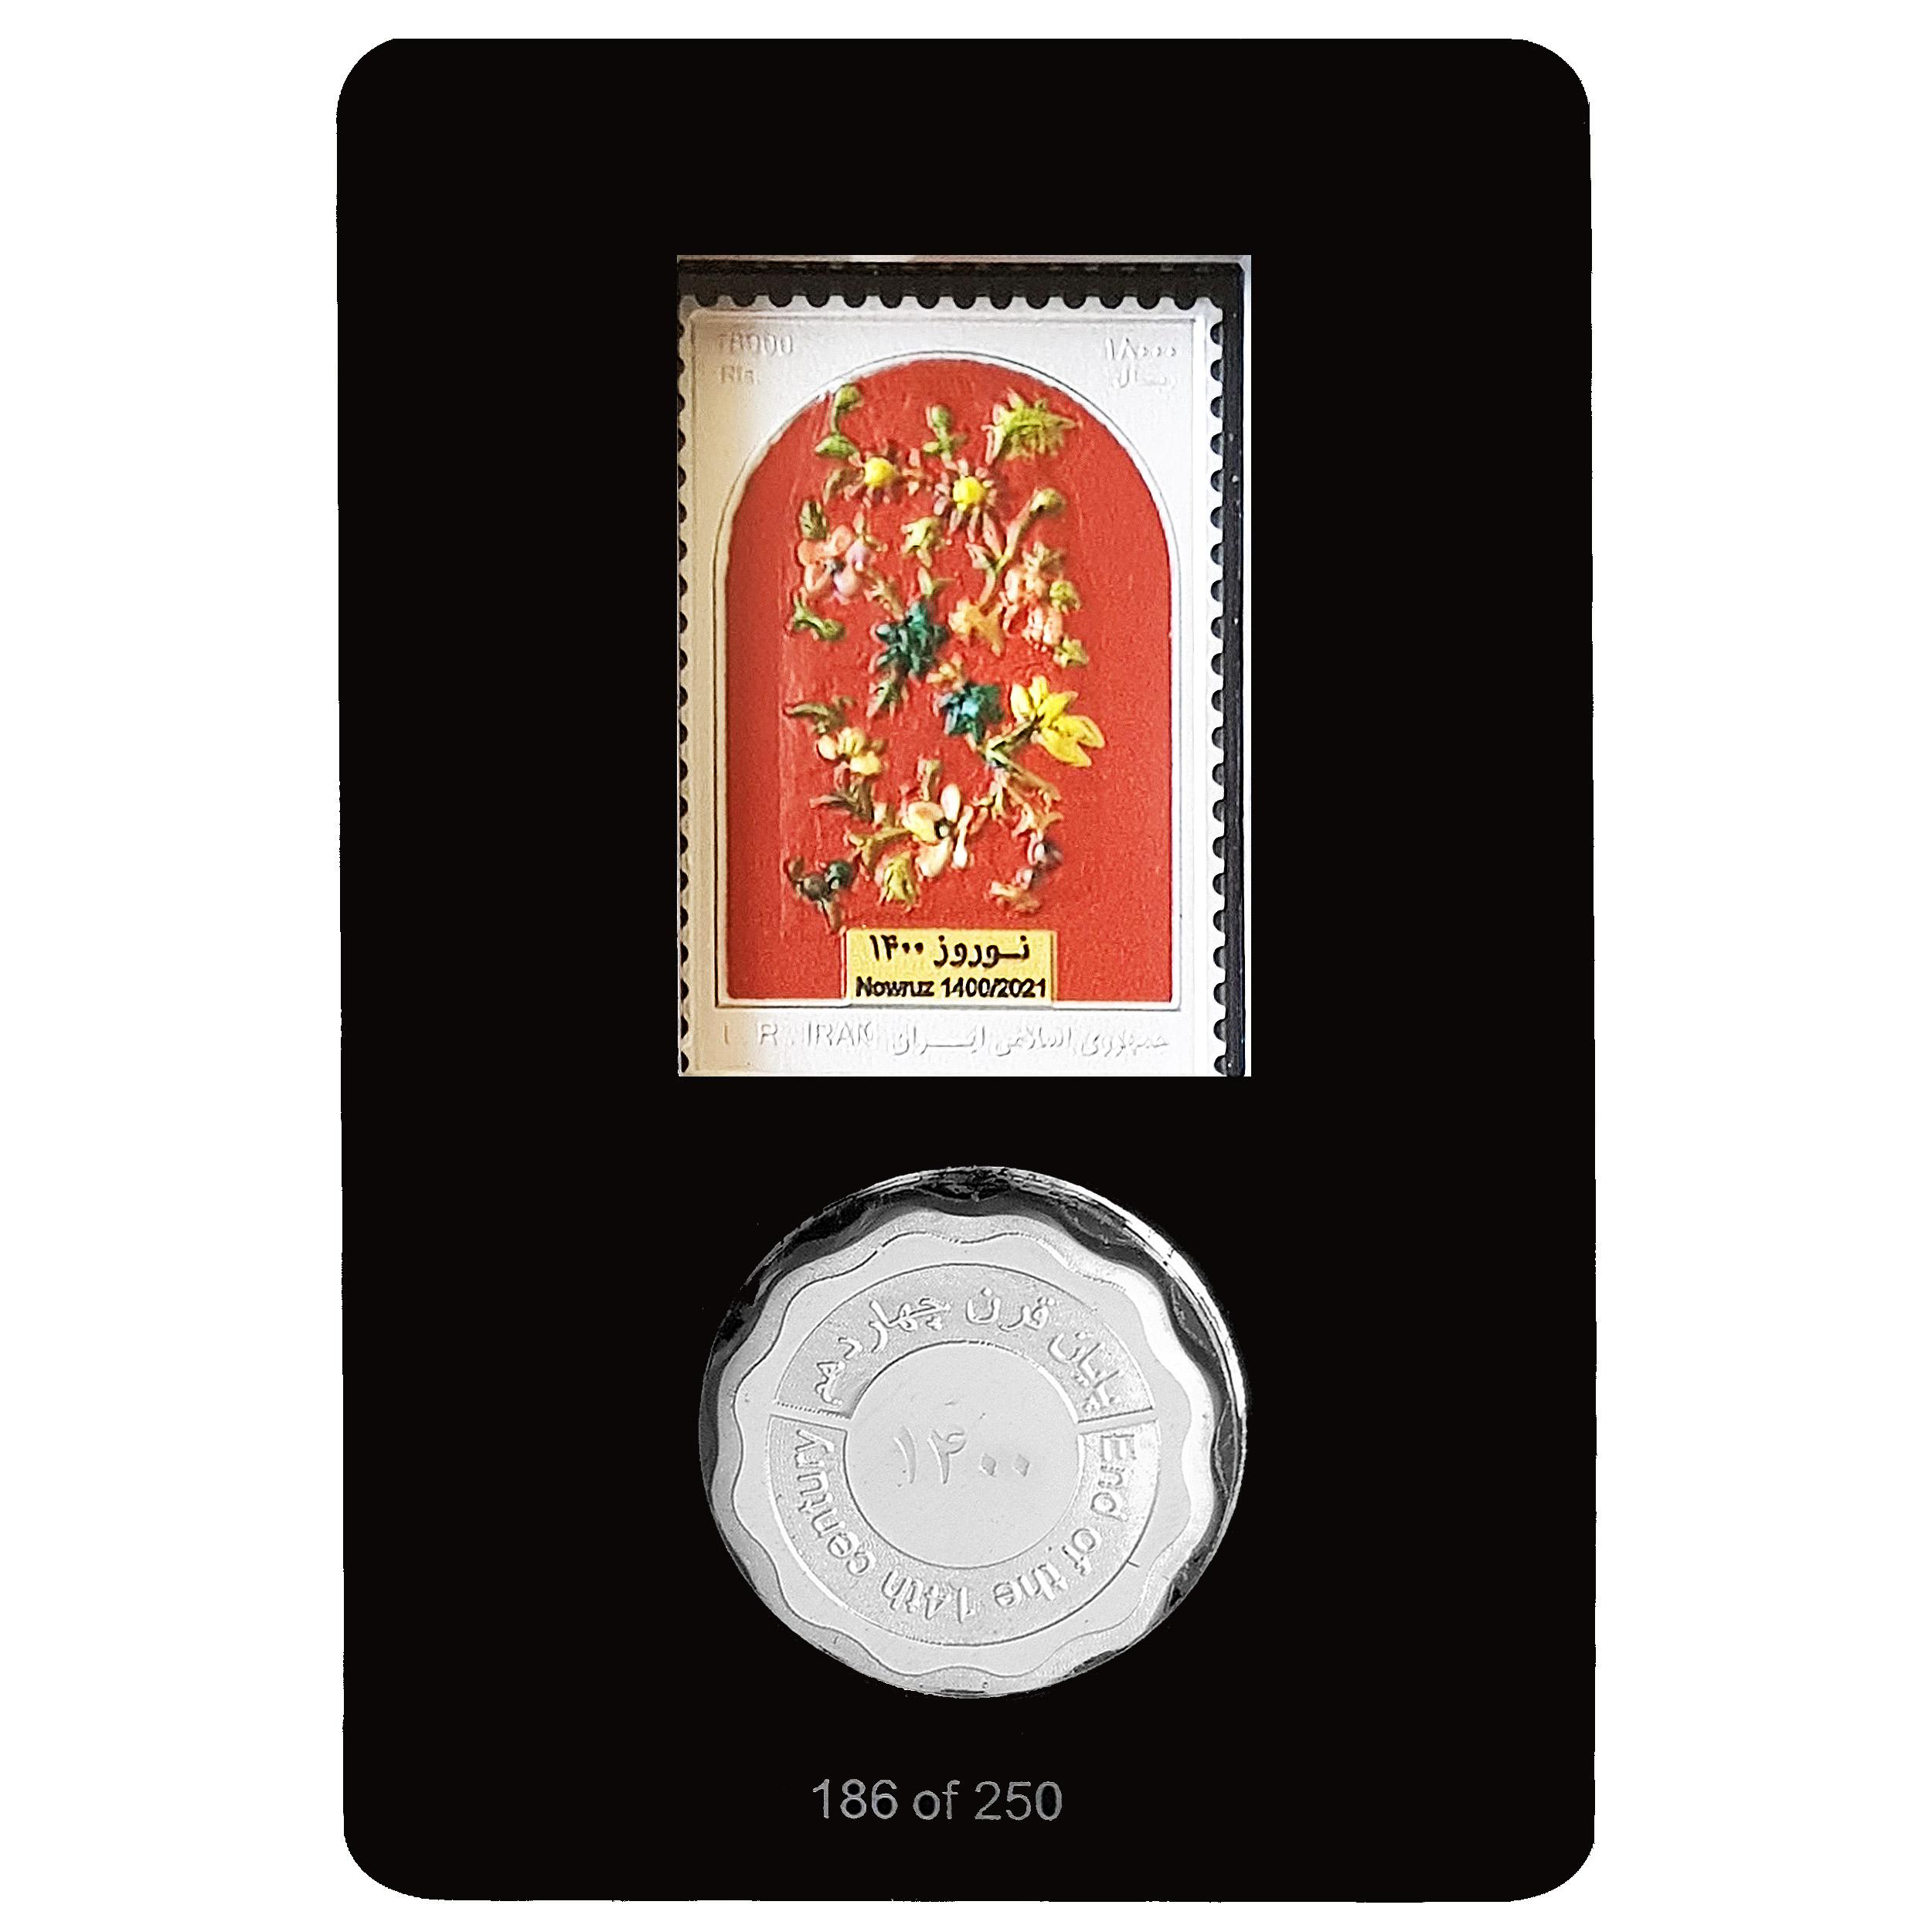 تمبر یادگاری خانه سکه ایران مدل   نوروز 1400 کد 3497-18